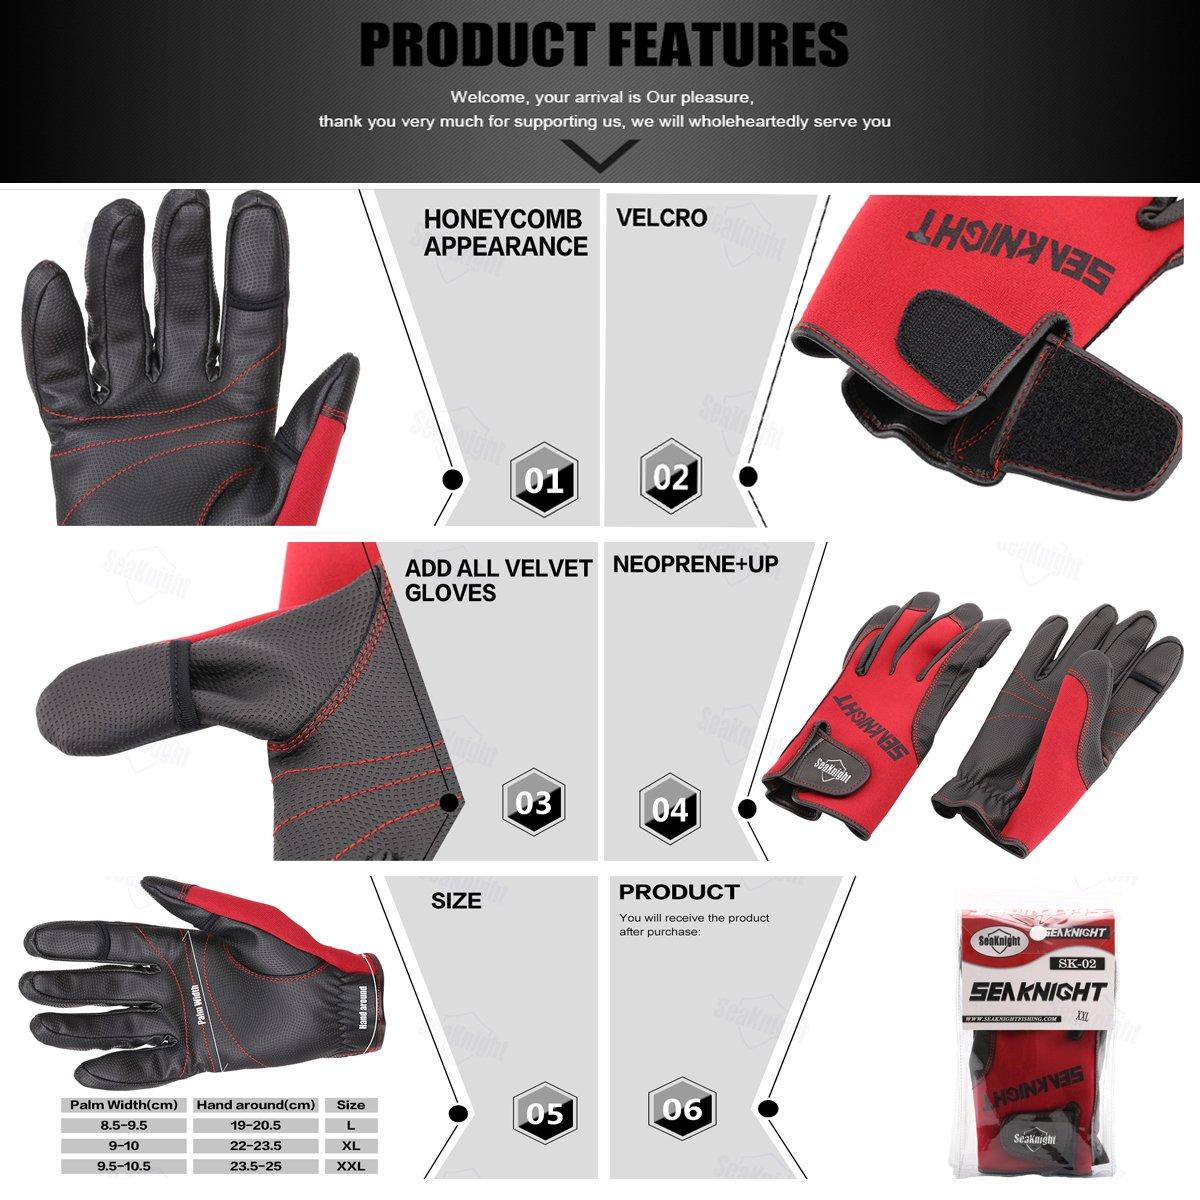 SeaKnight SK03 Neopren-Handschuhe Reiten Angelhandschuhe zum Angeln 3/freie Finger winddicht Sport Outdoor Jagen rutschfest Fahrradfahren